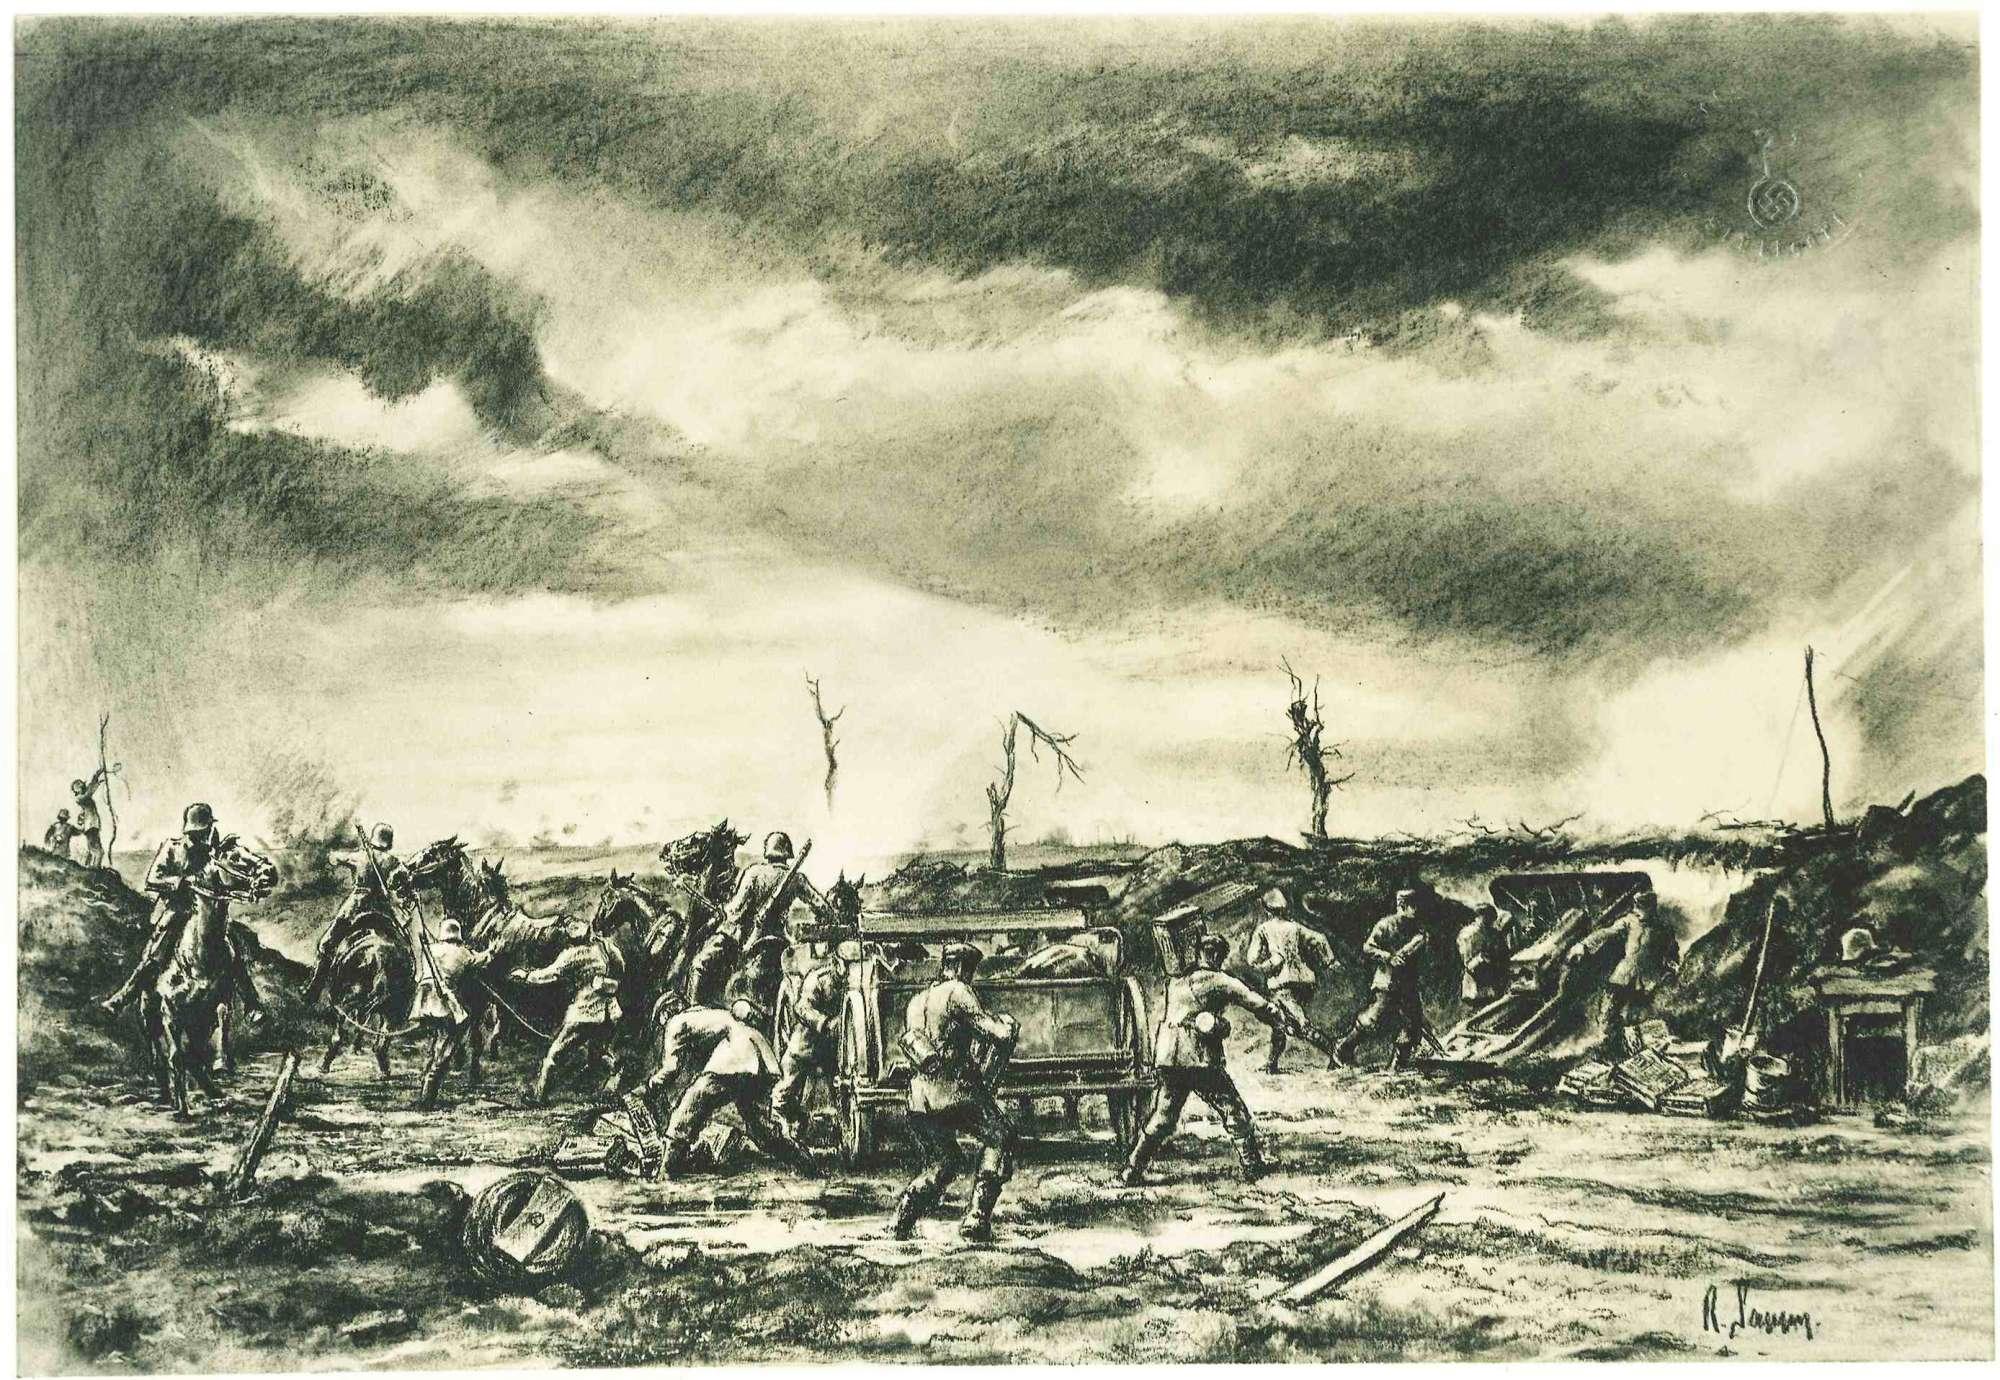 4. Batterie des Regiments bei Villars-au-Flos, ca. vierzehn Soldaten in Uniform mit Stahlhelm, teils am Geschütz, teils einen Wagen entladend, teils mit Pferden auf dem Schlachtfeld, 1r